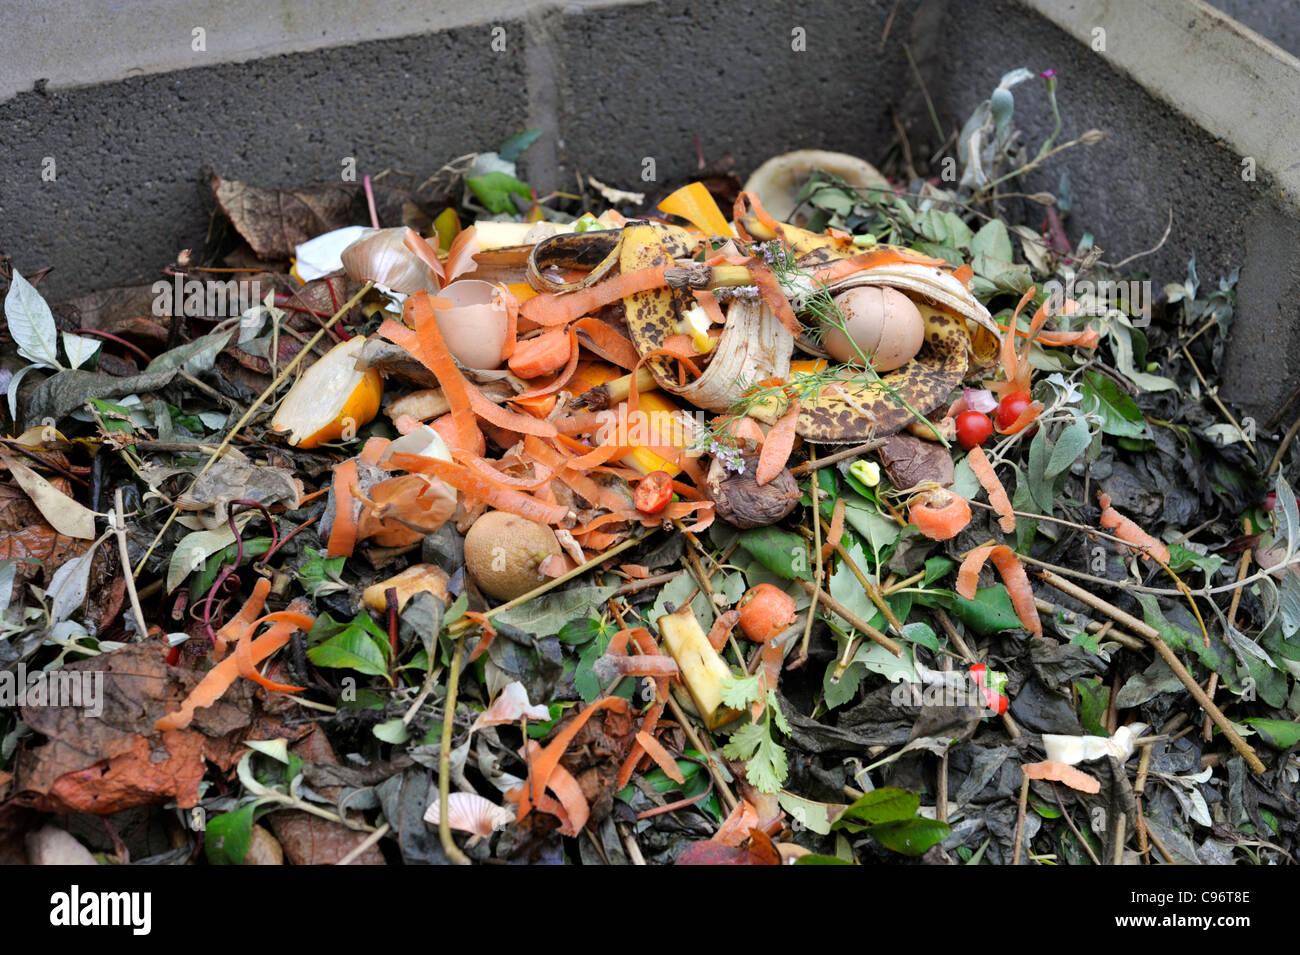 Buy Kitchen Waste Bin